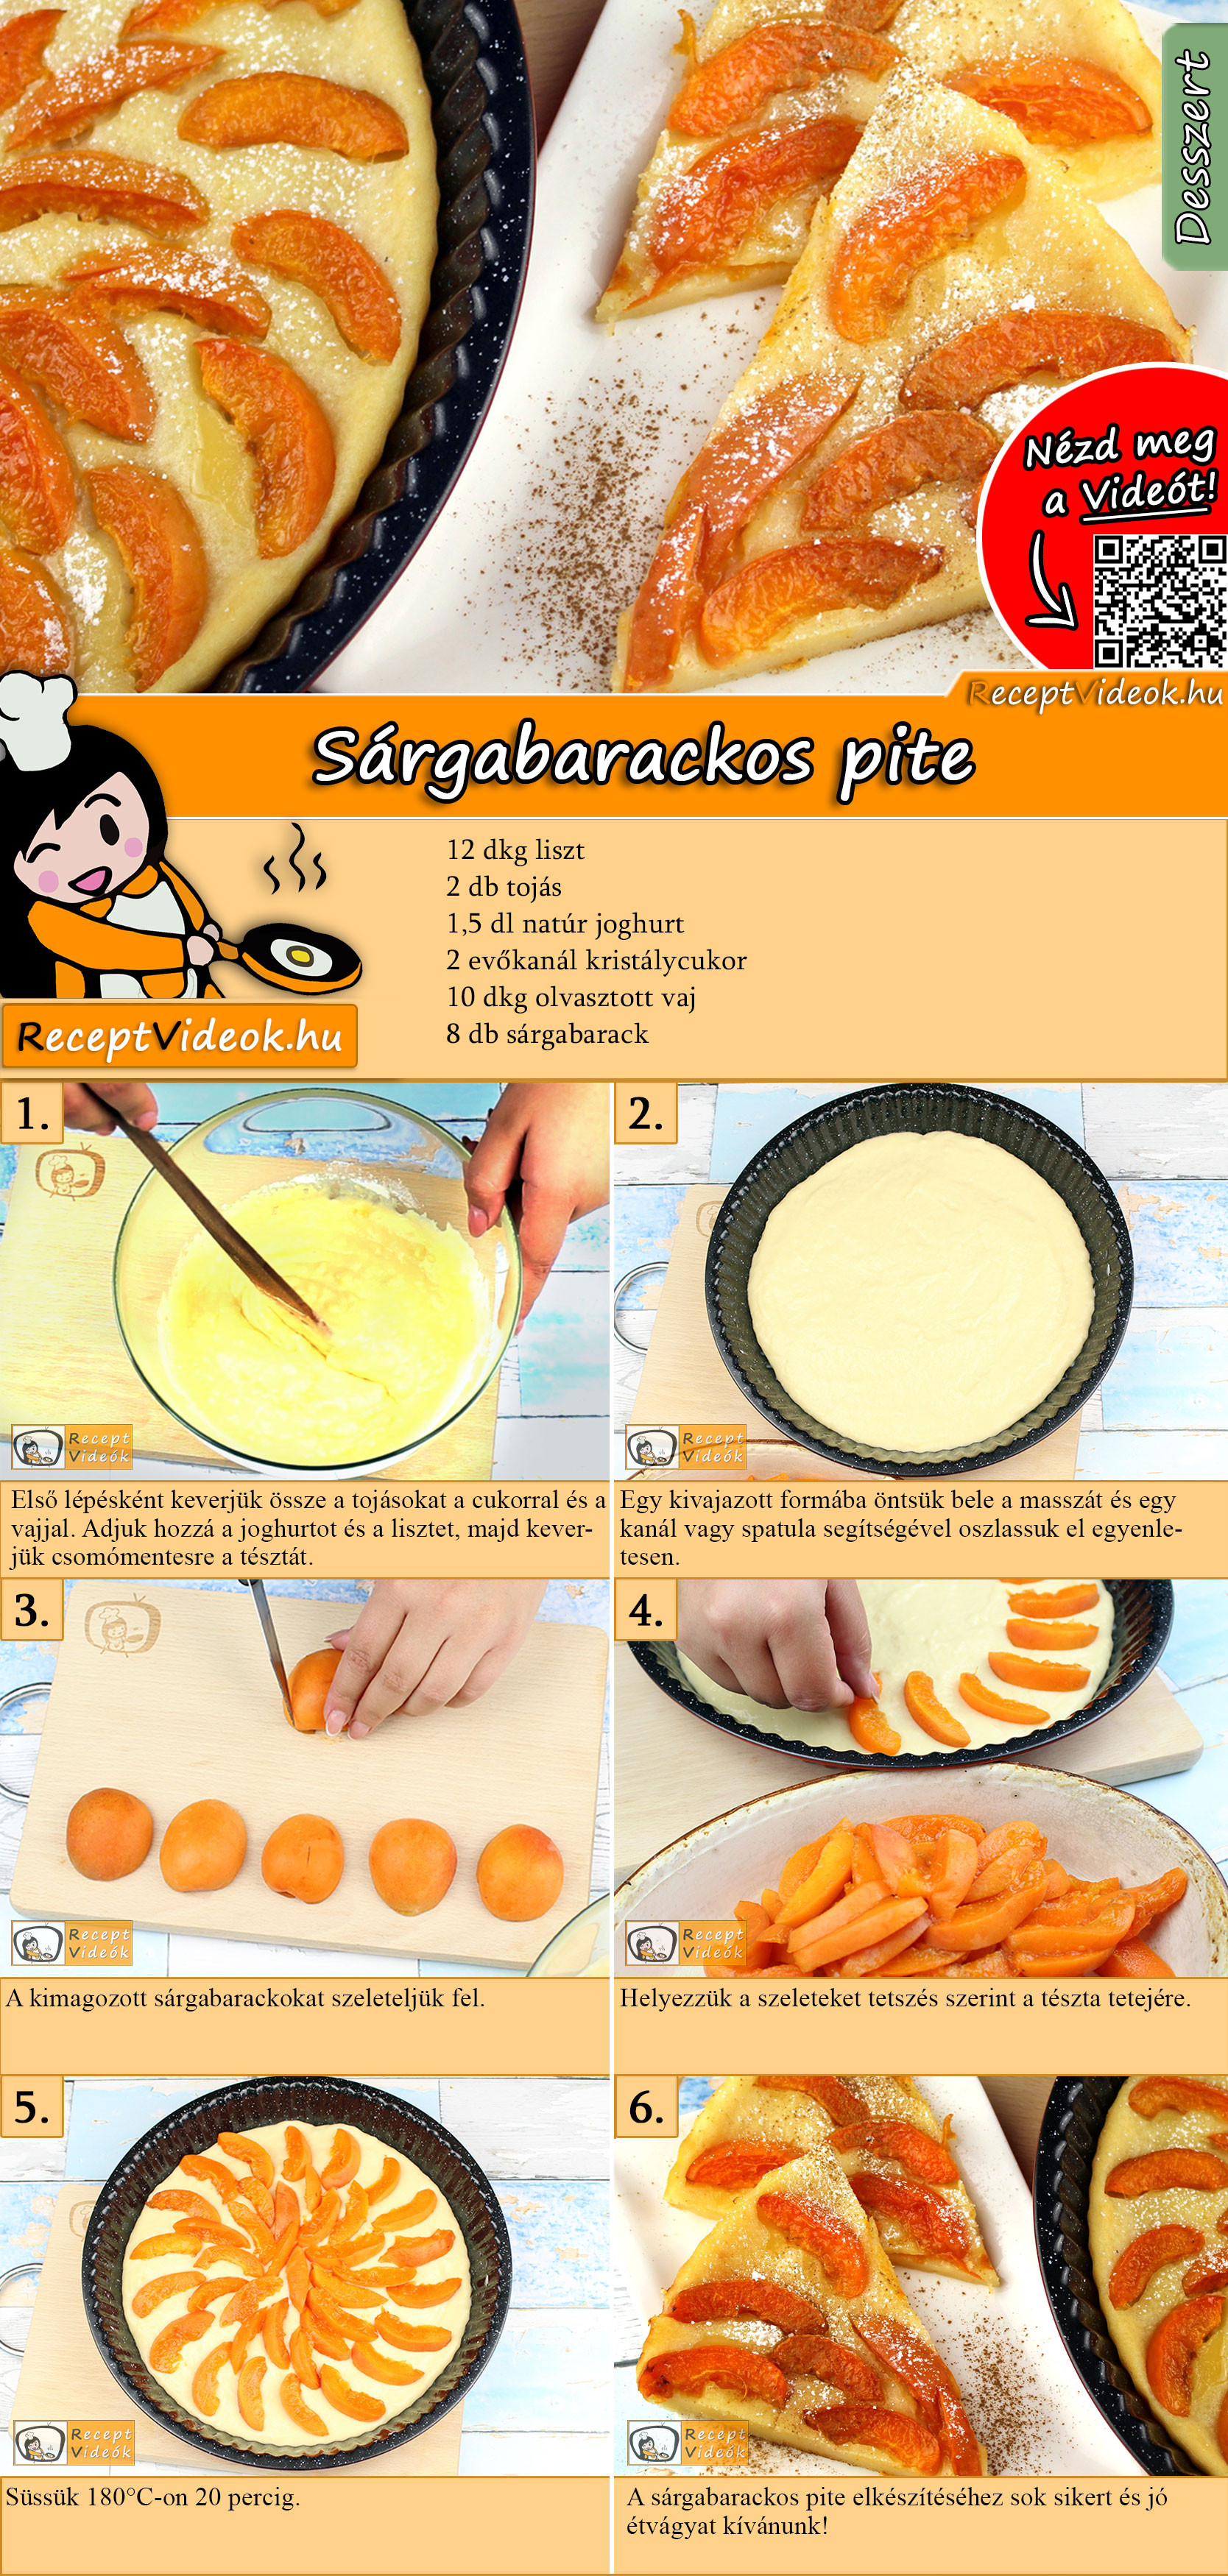 Sárgabarackos pite recept elkészítése videóval